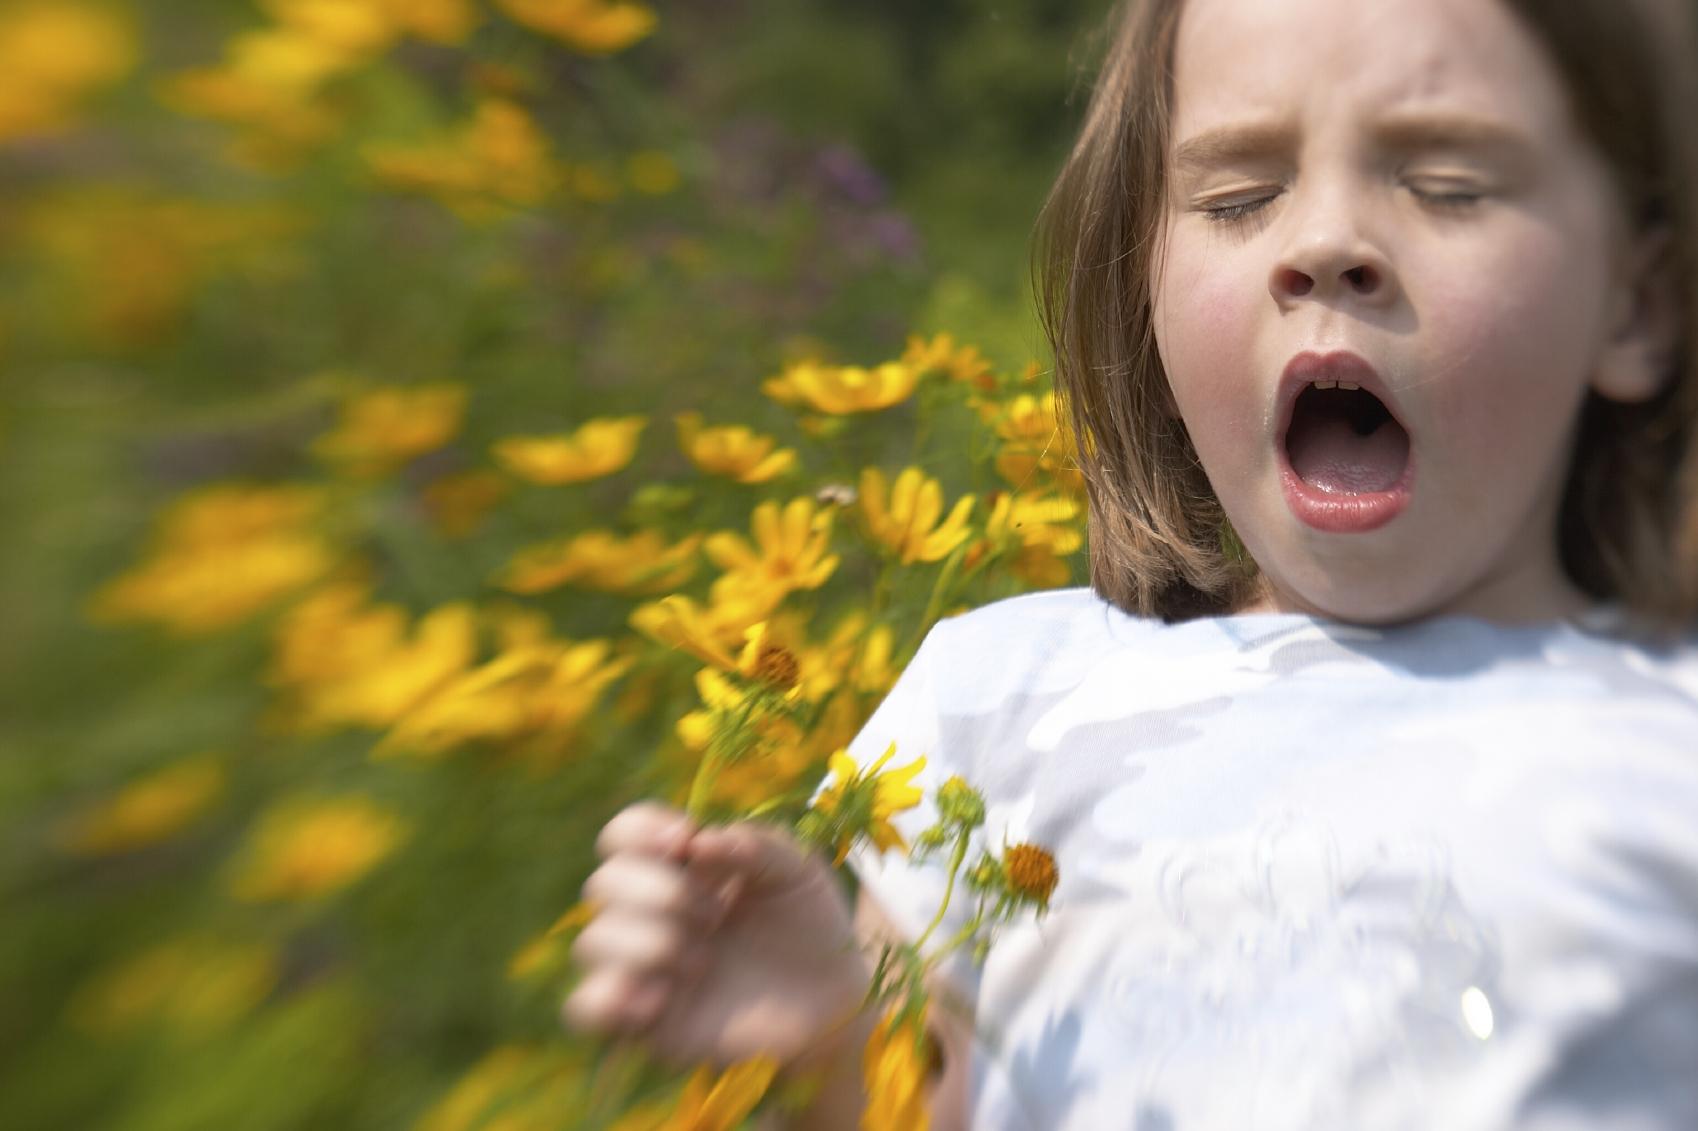 Аллергию отнесли к побочным эффектам иммунитета